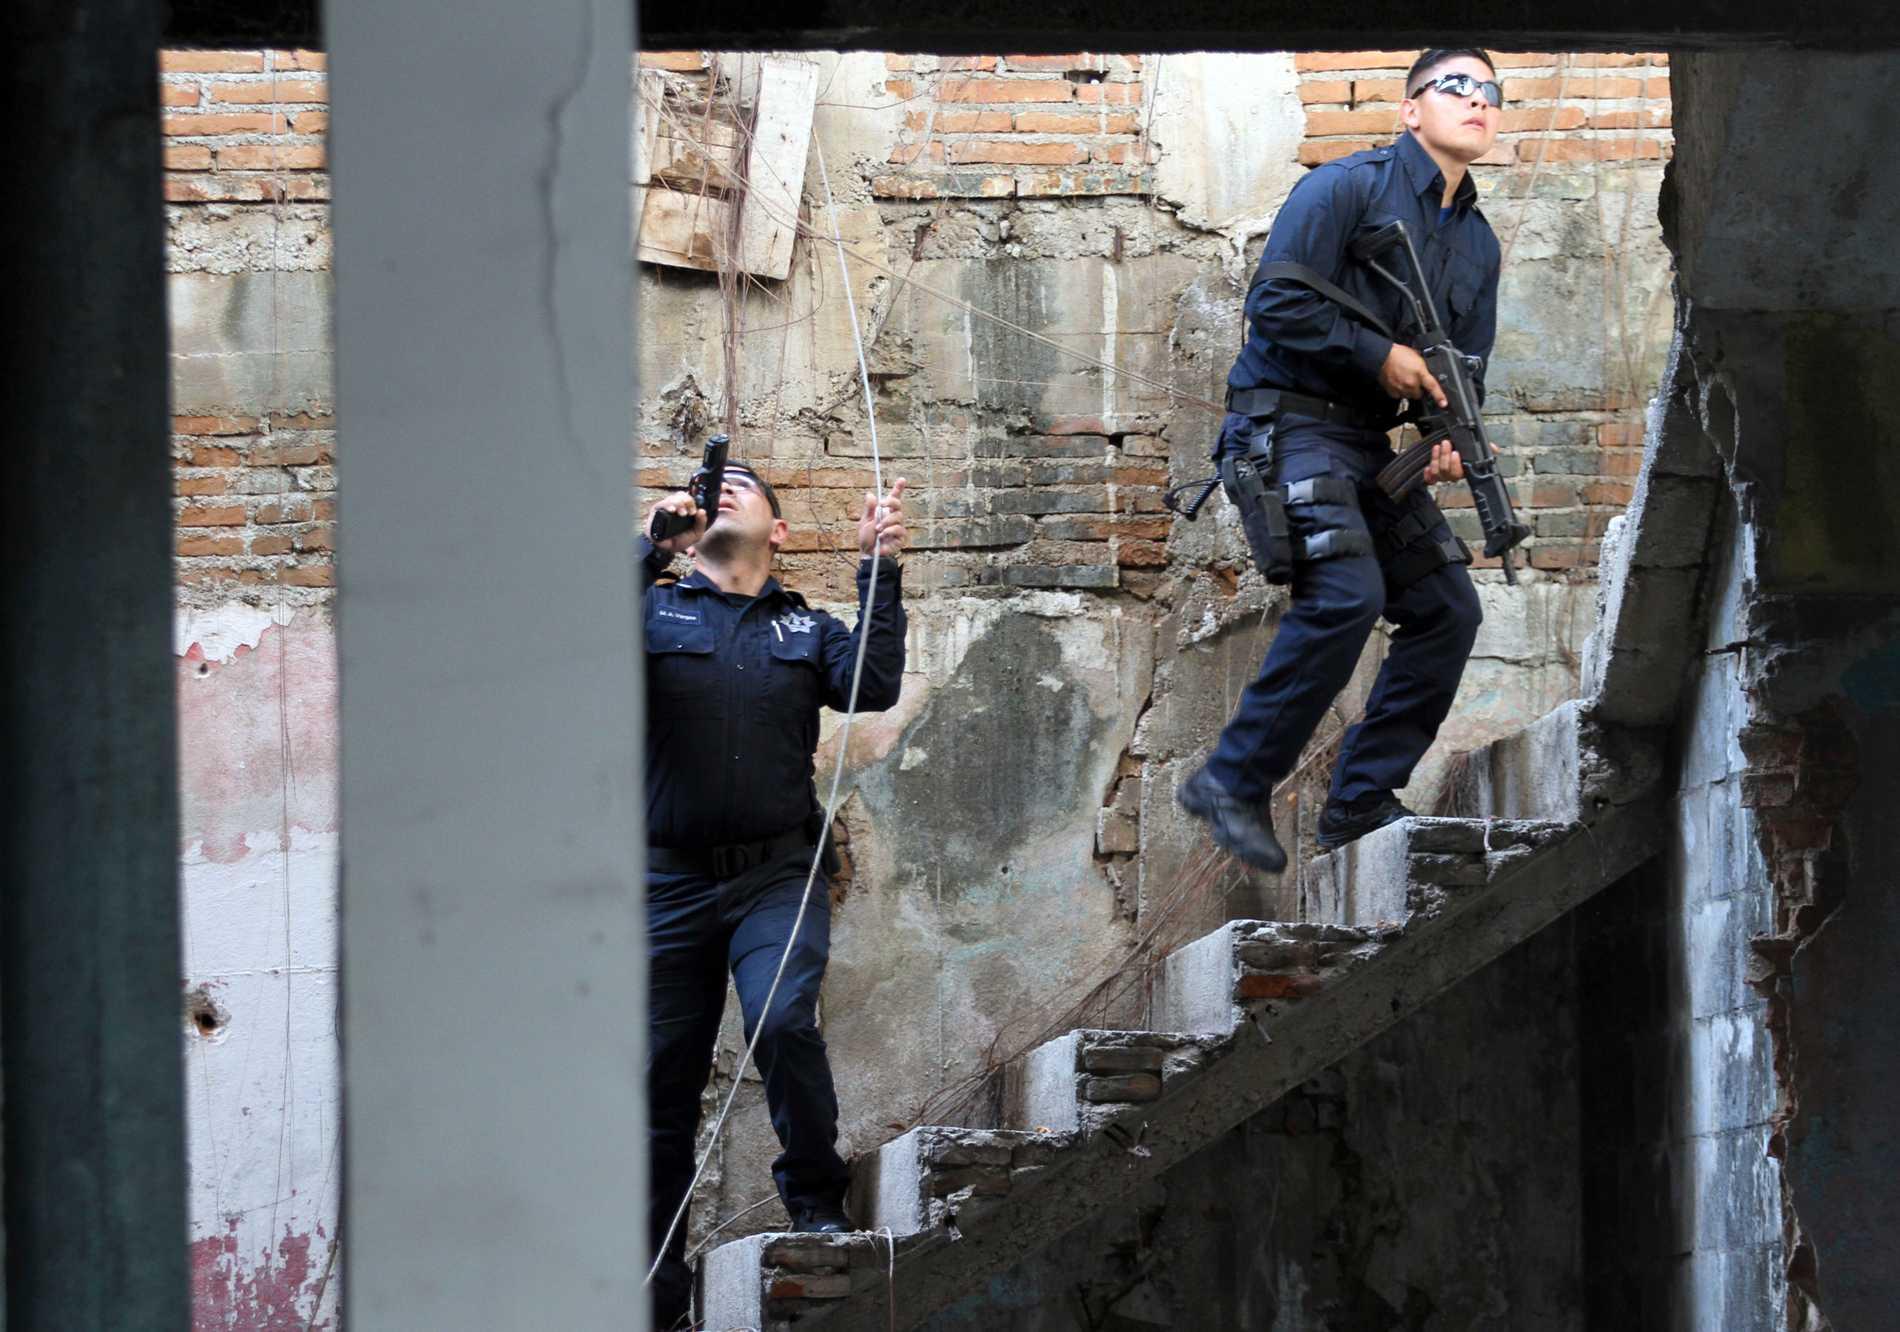 Mexikansk polis på spaning efter kriminella gäng, här i januari år.